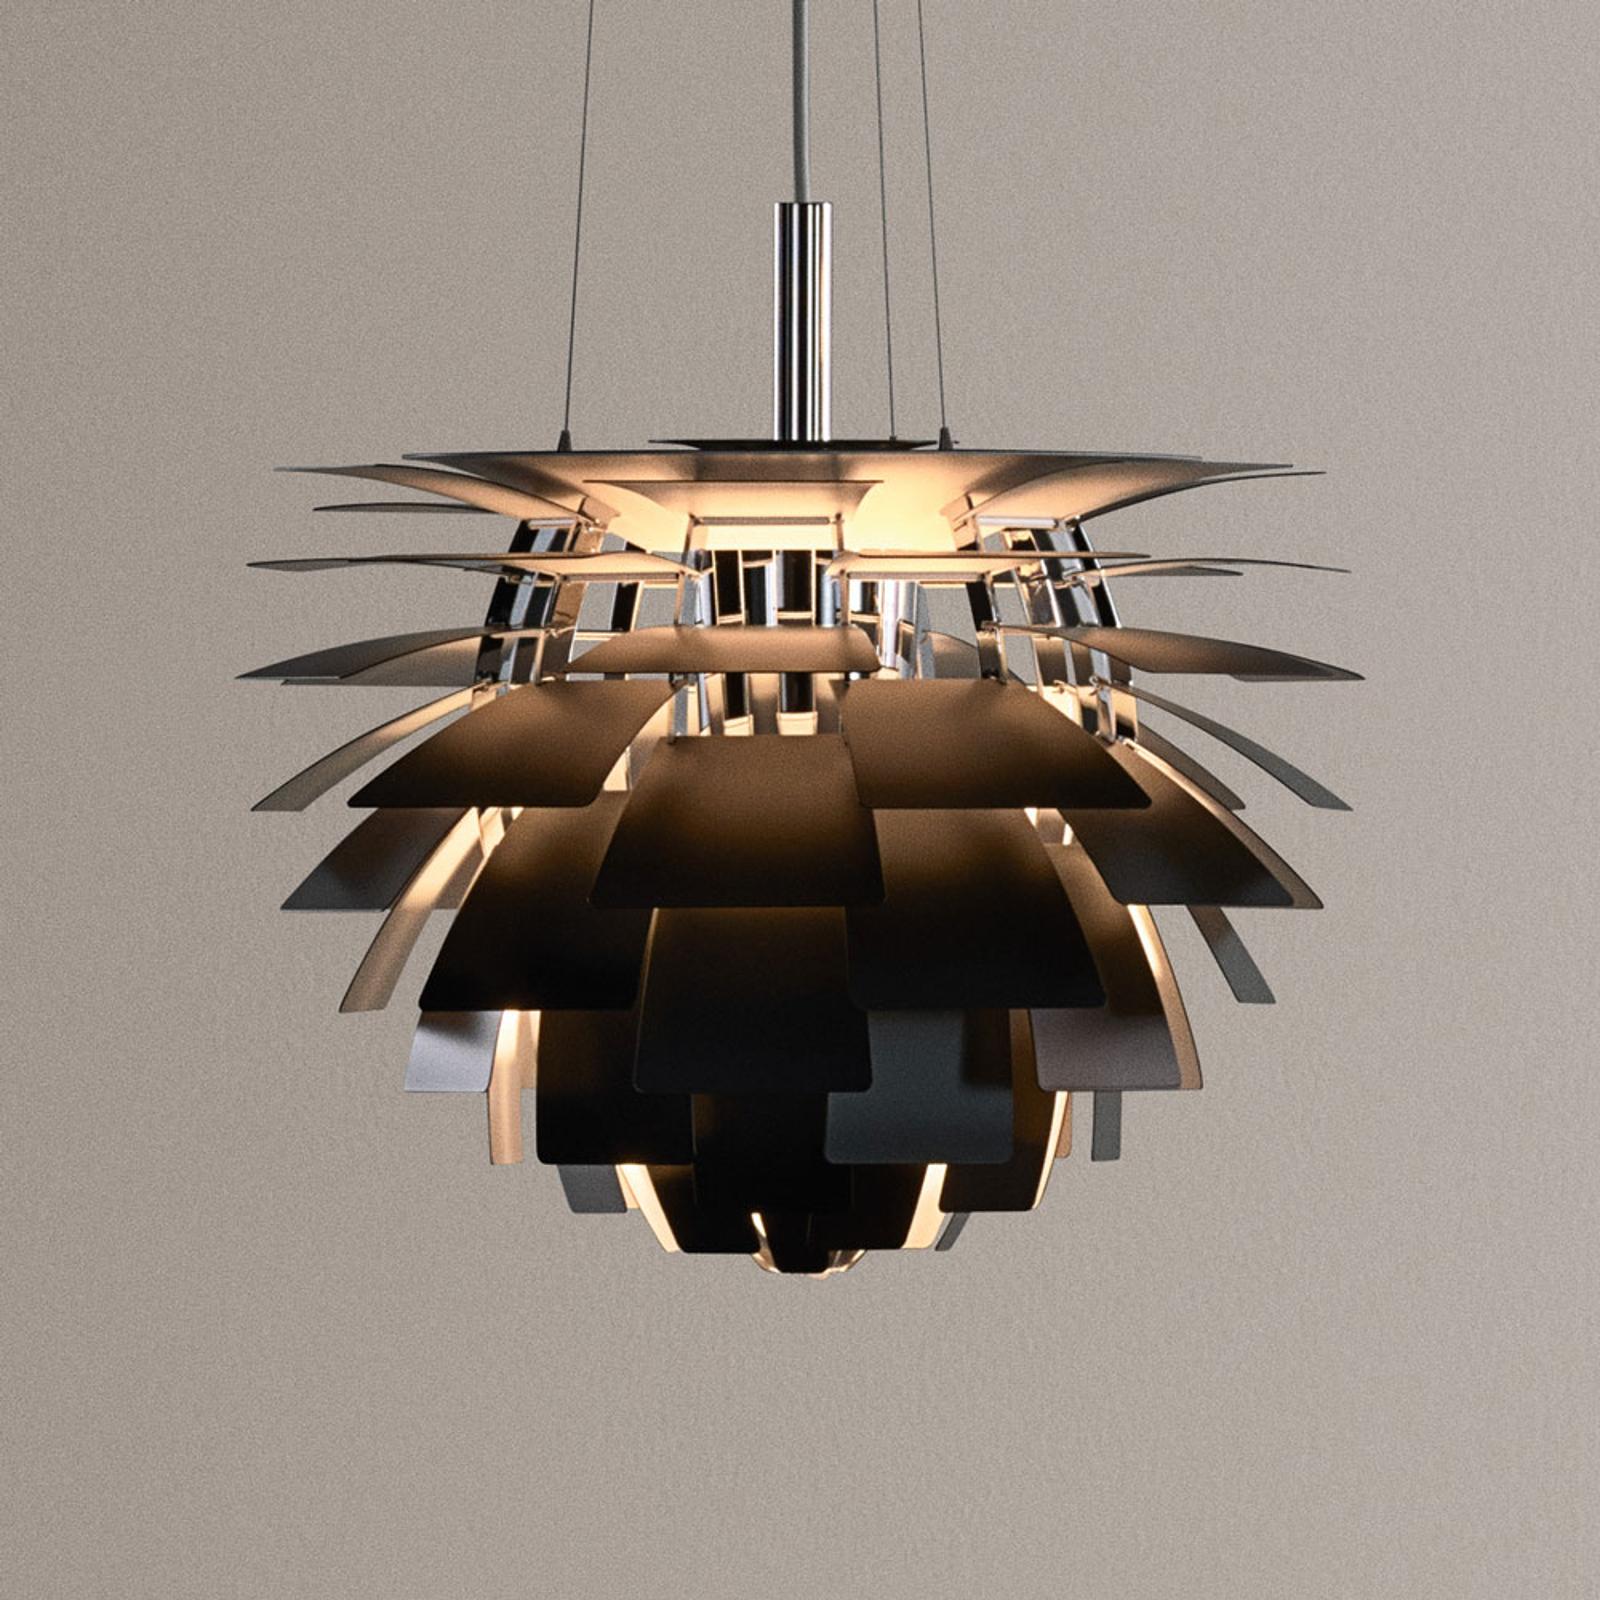 Louis Poulsen PH Artichoke hanglamp zwart 48cm